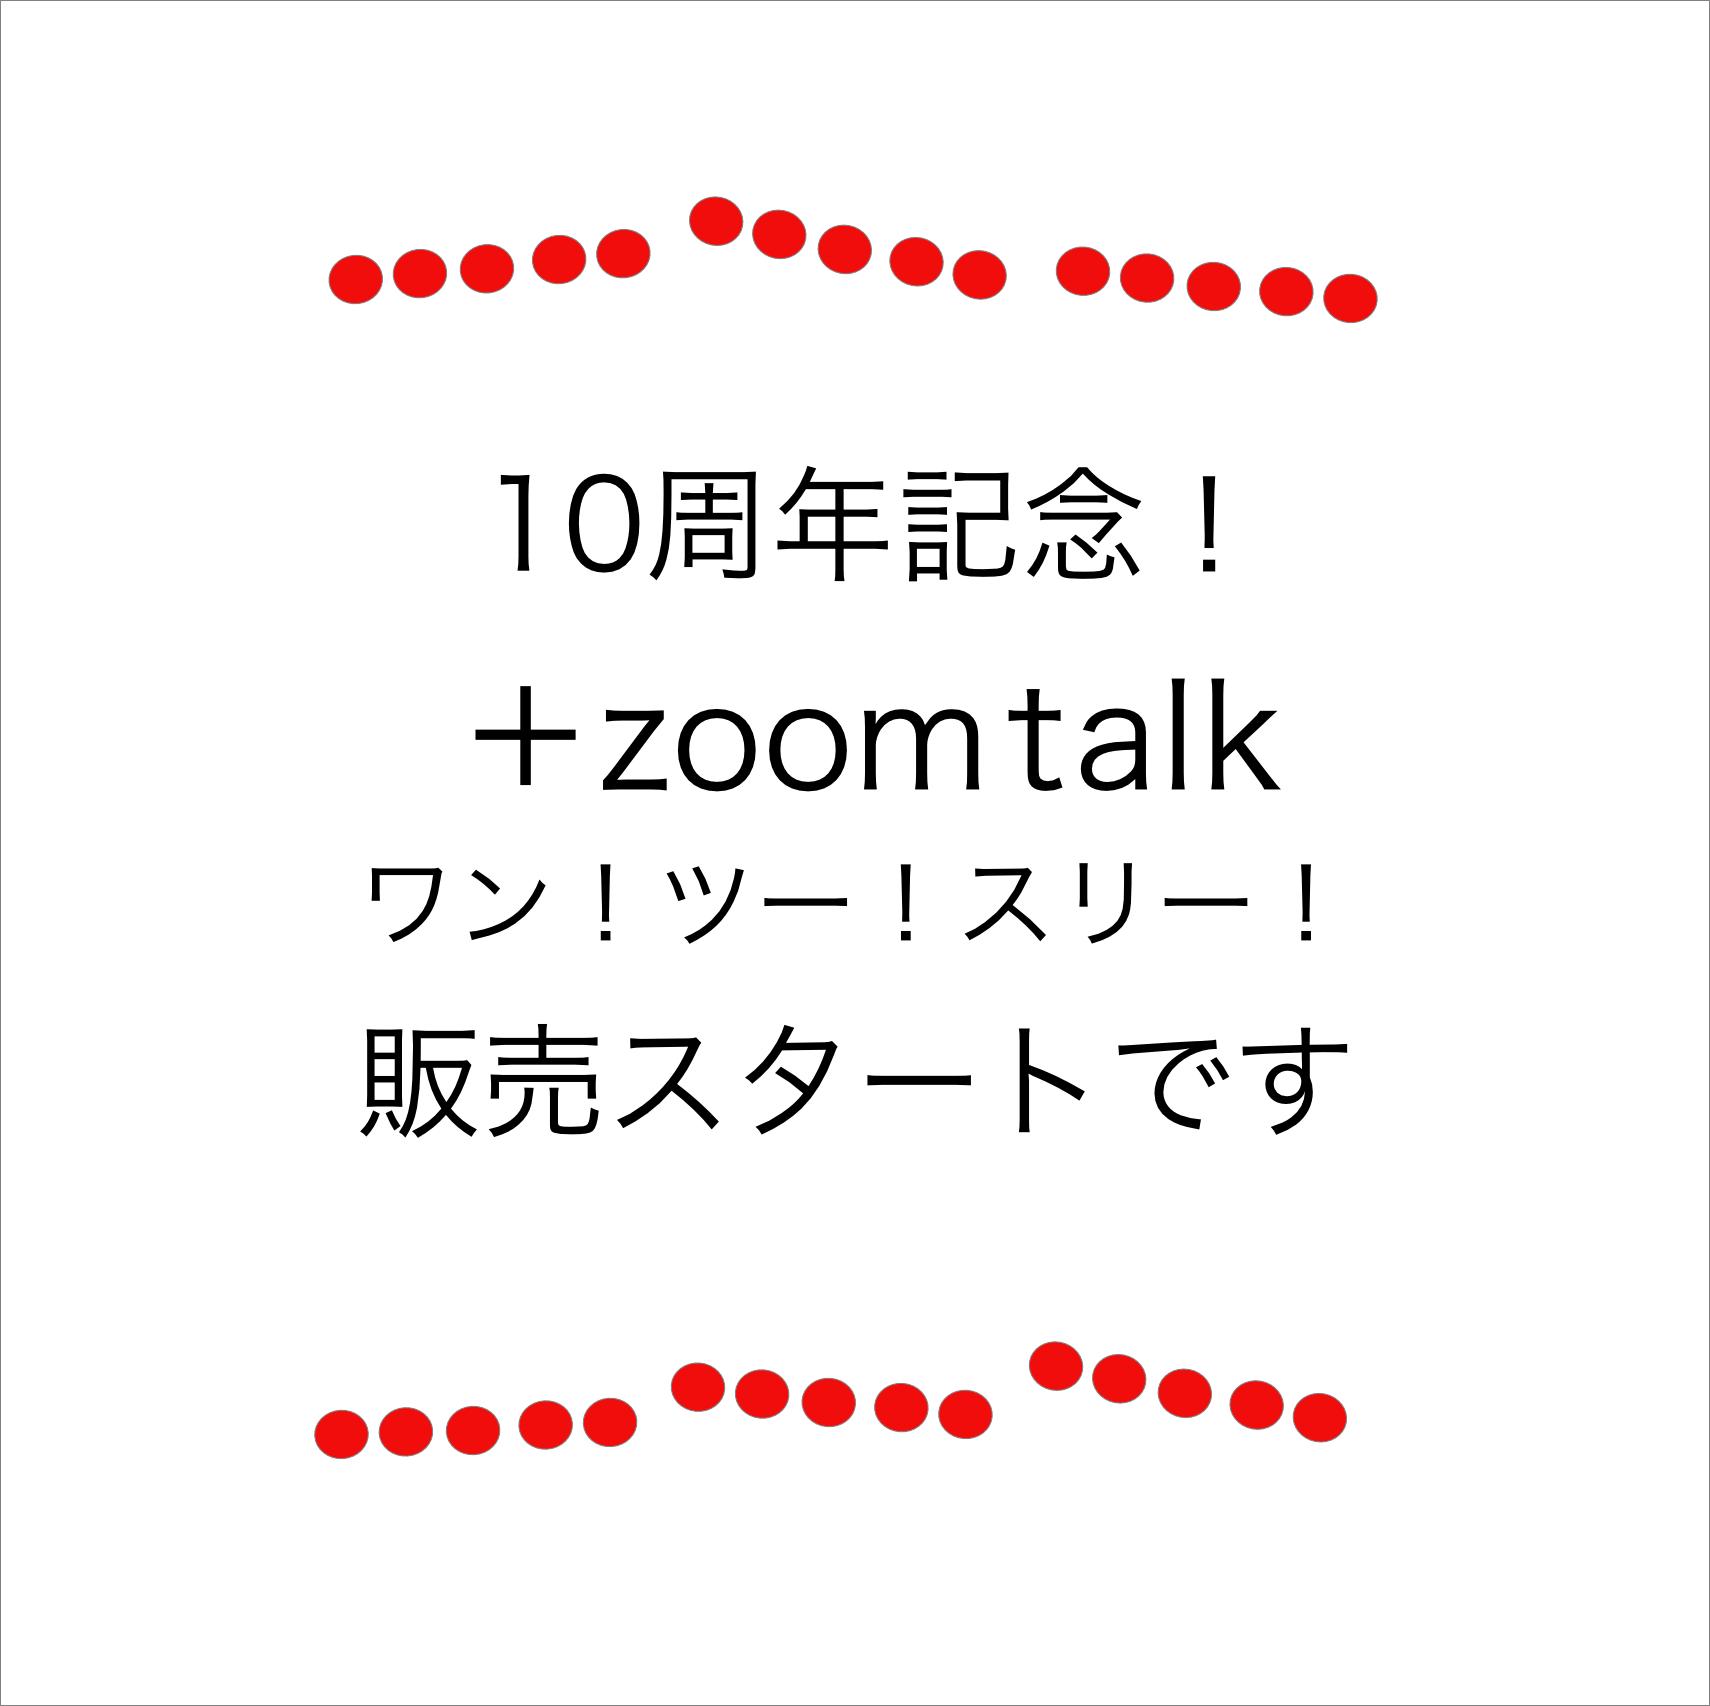 zoom 対談のツー!